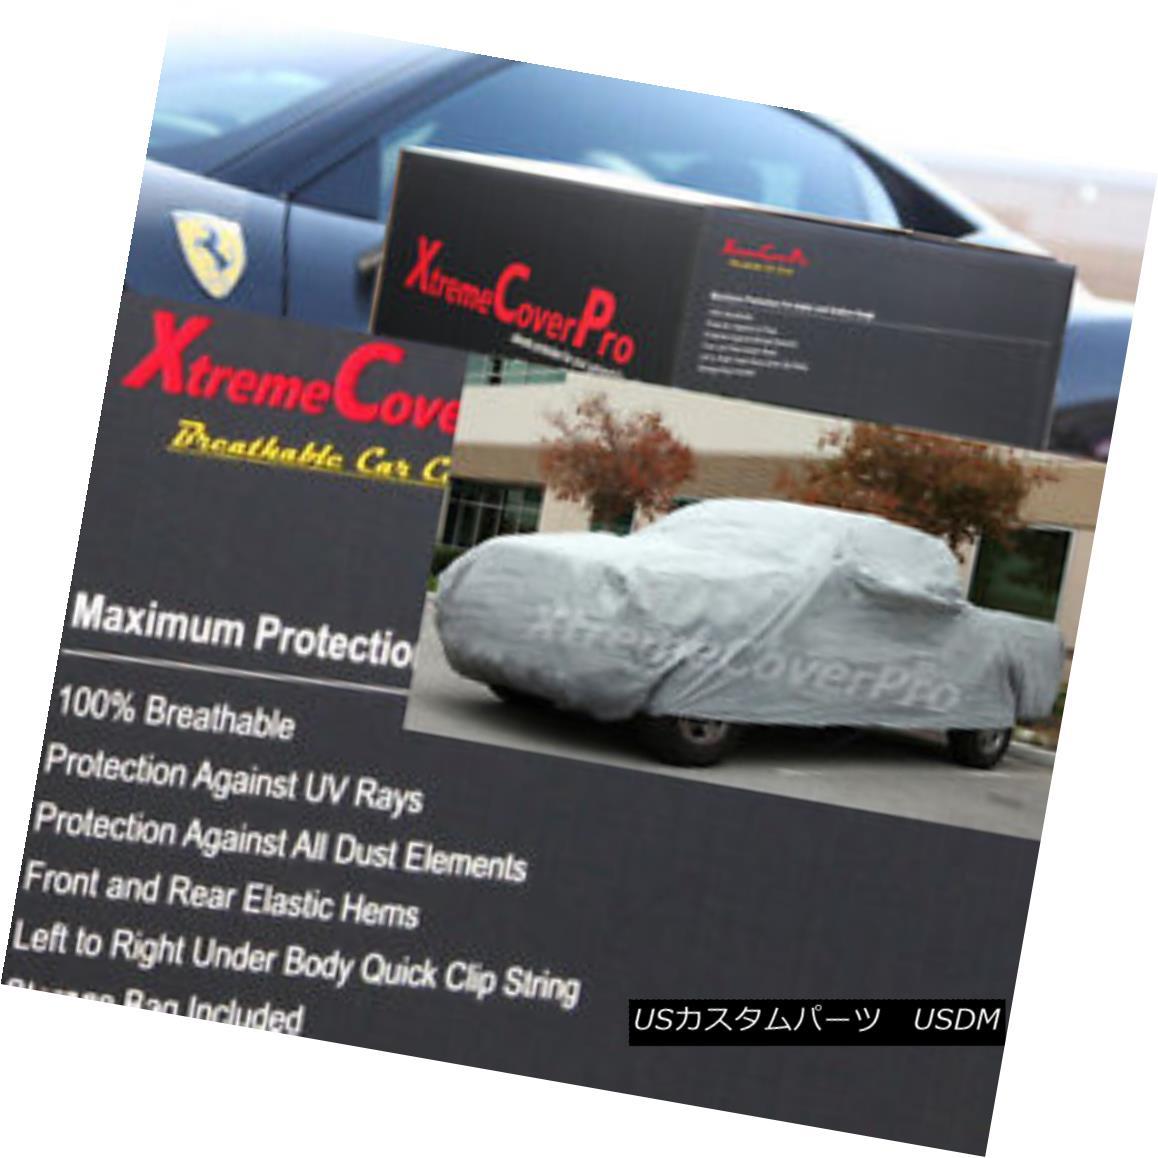 カーカバー 1997 1998 1999 Ford F-150 Reg Cab 8ft Bed Breathable Truck Cover 1997年1998年1999年フォードF-150レッグキャブ8ftベッド通気性トラックカバー